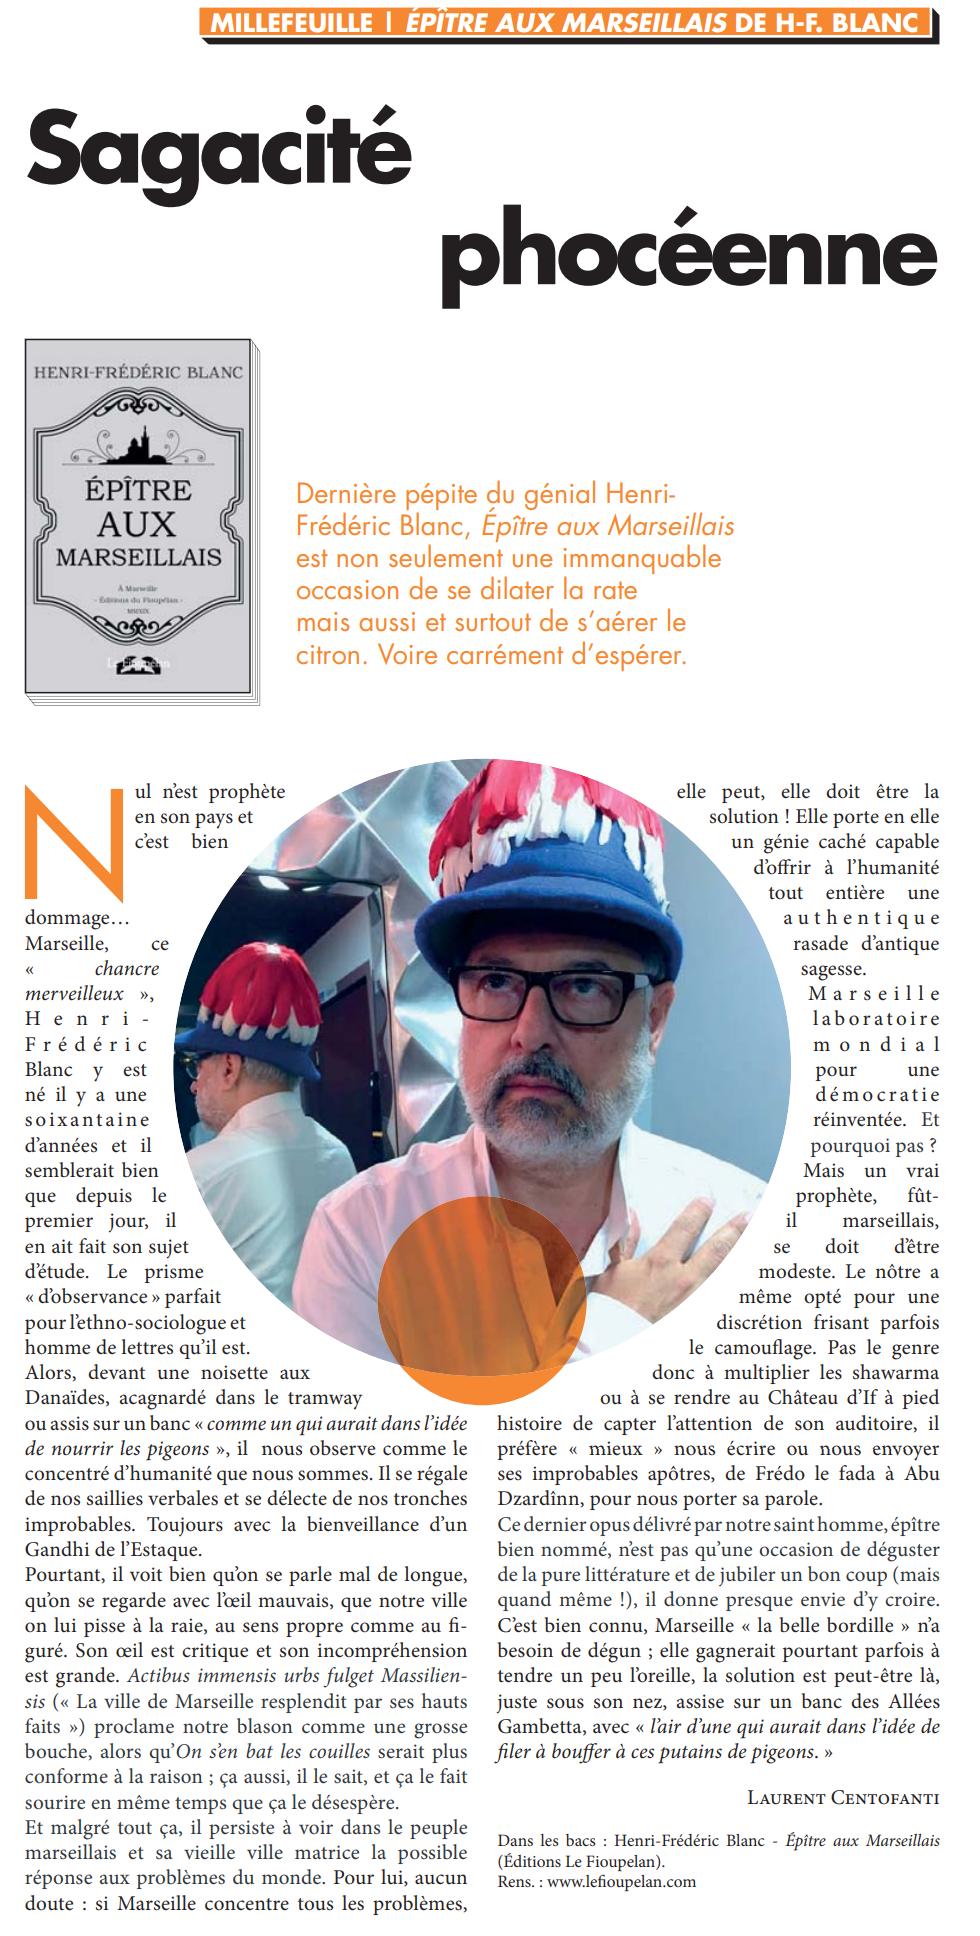 Henri-Frédéric Blanc, Épître aux Marseillais, Ventilo 22 janvier 2020